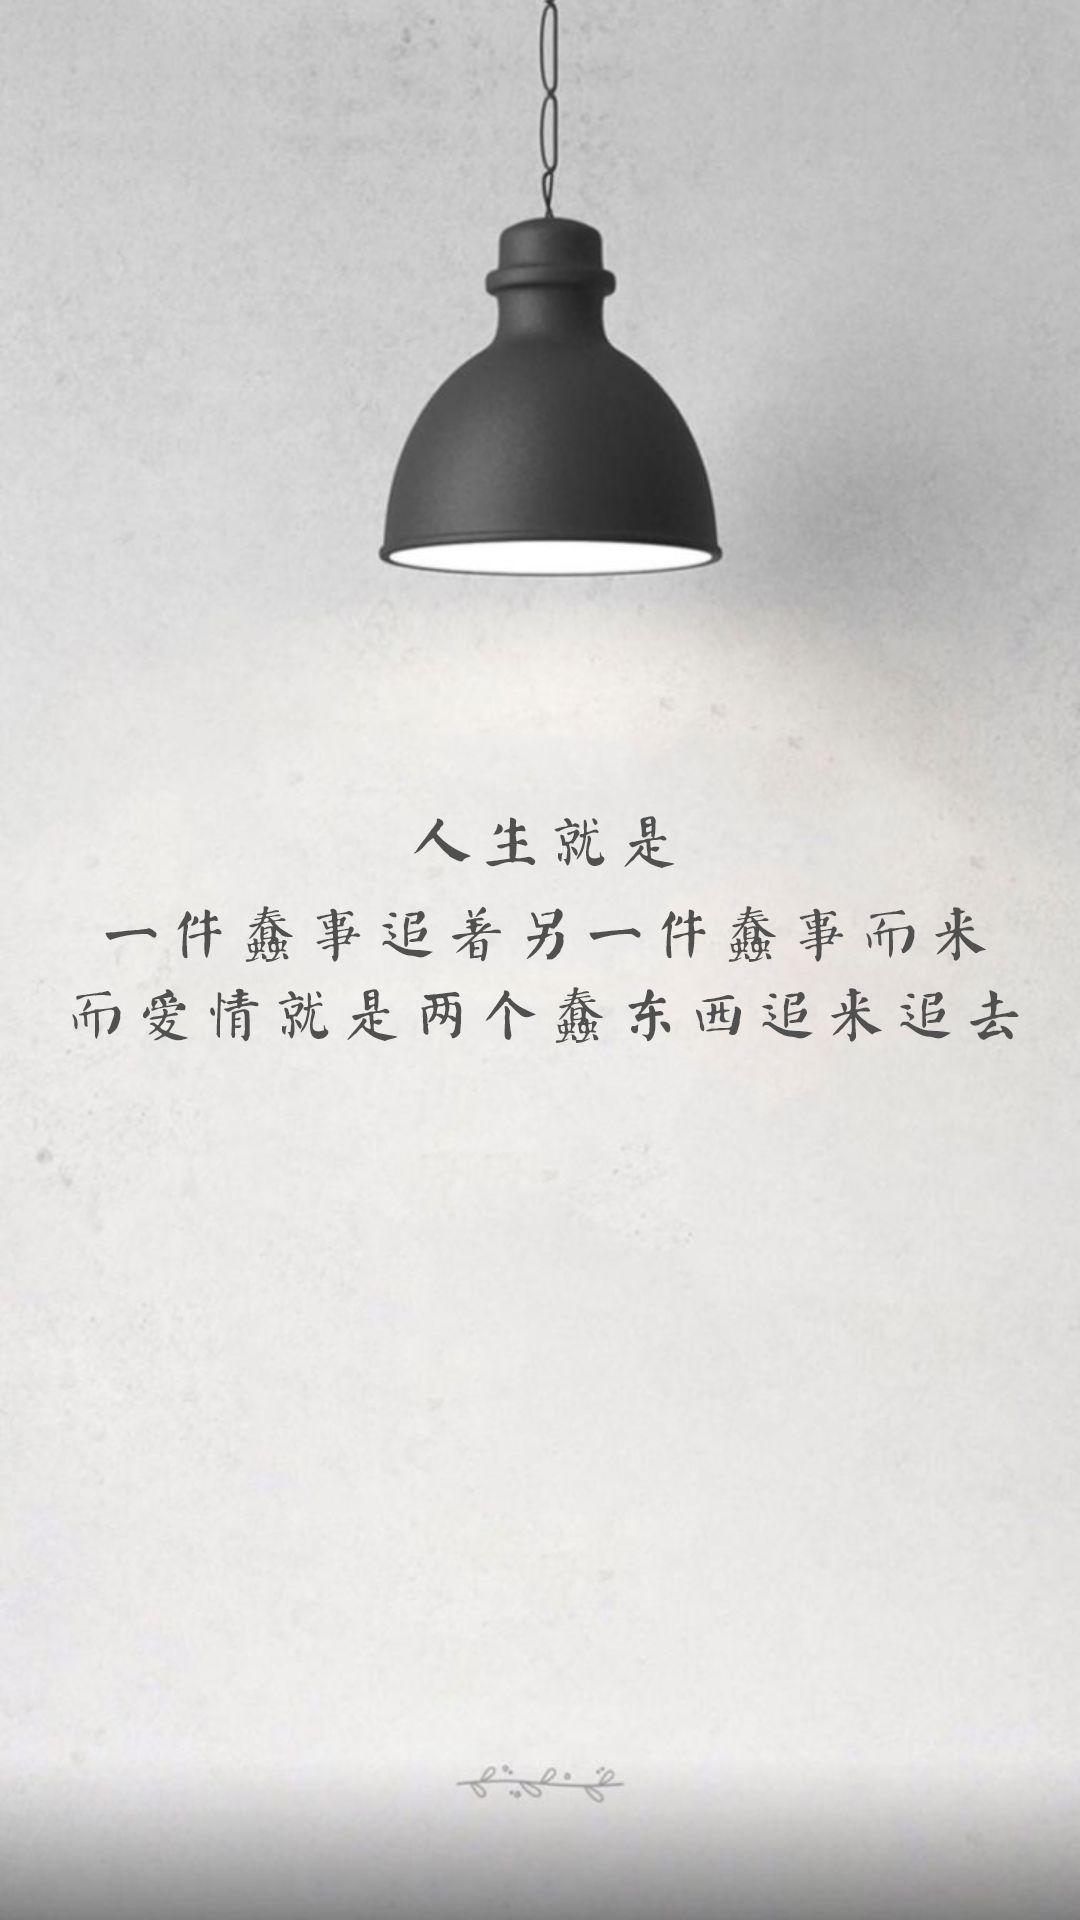 手机壁纸 朋友圈配图:缘,只是一个相遇 份,才是一生相守